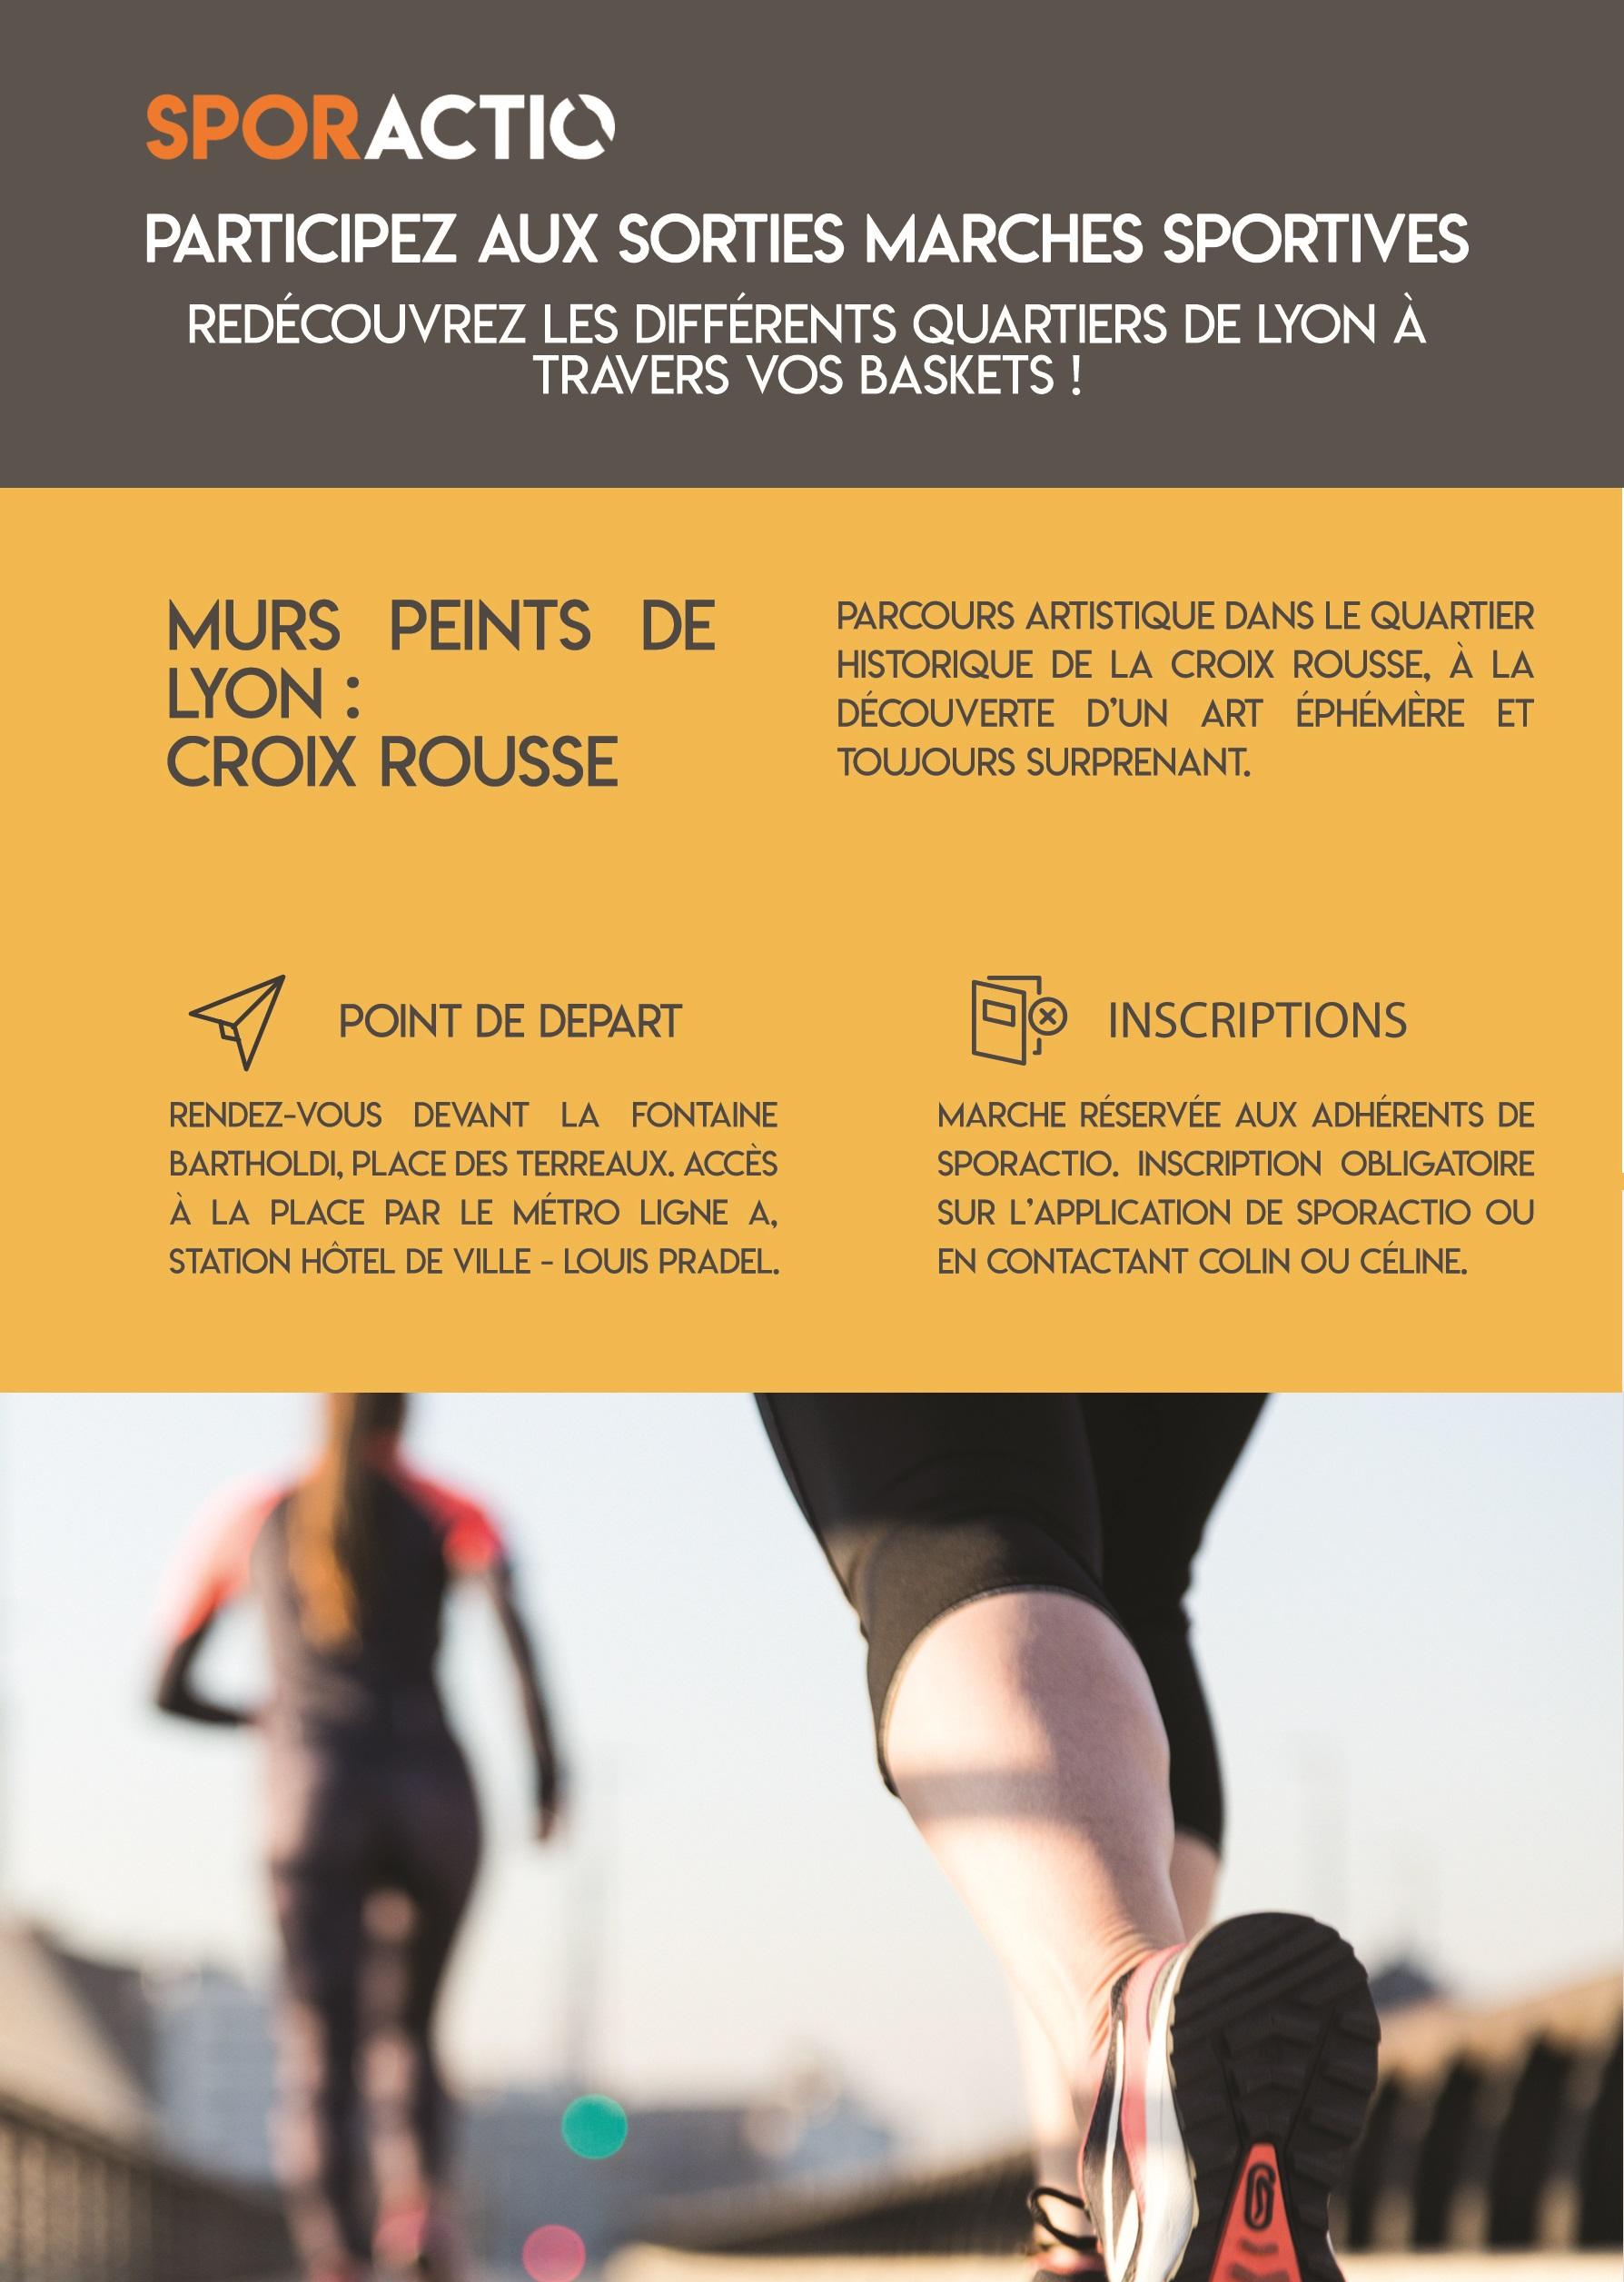 Les marches sportives - Sporactio - Activité Physique Adaptée - Lyon